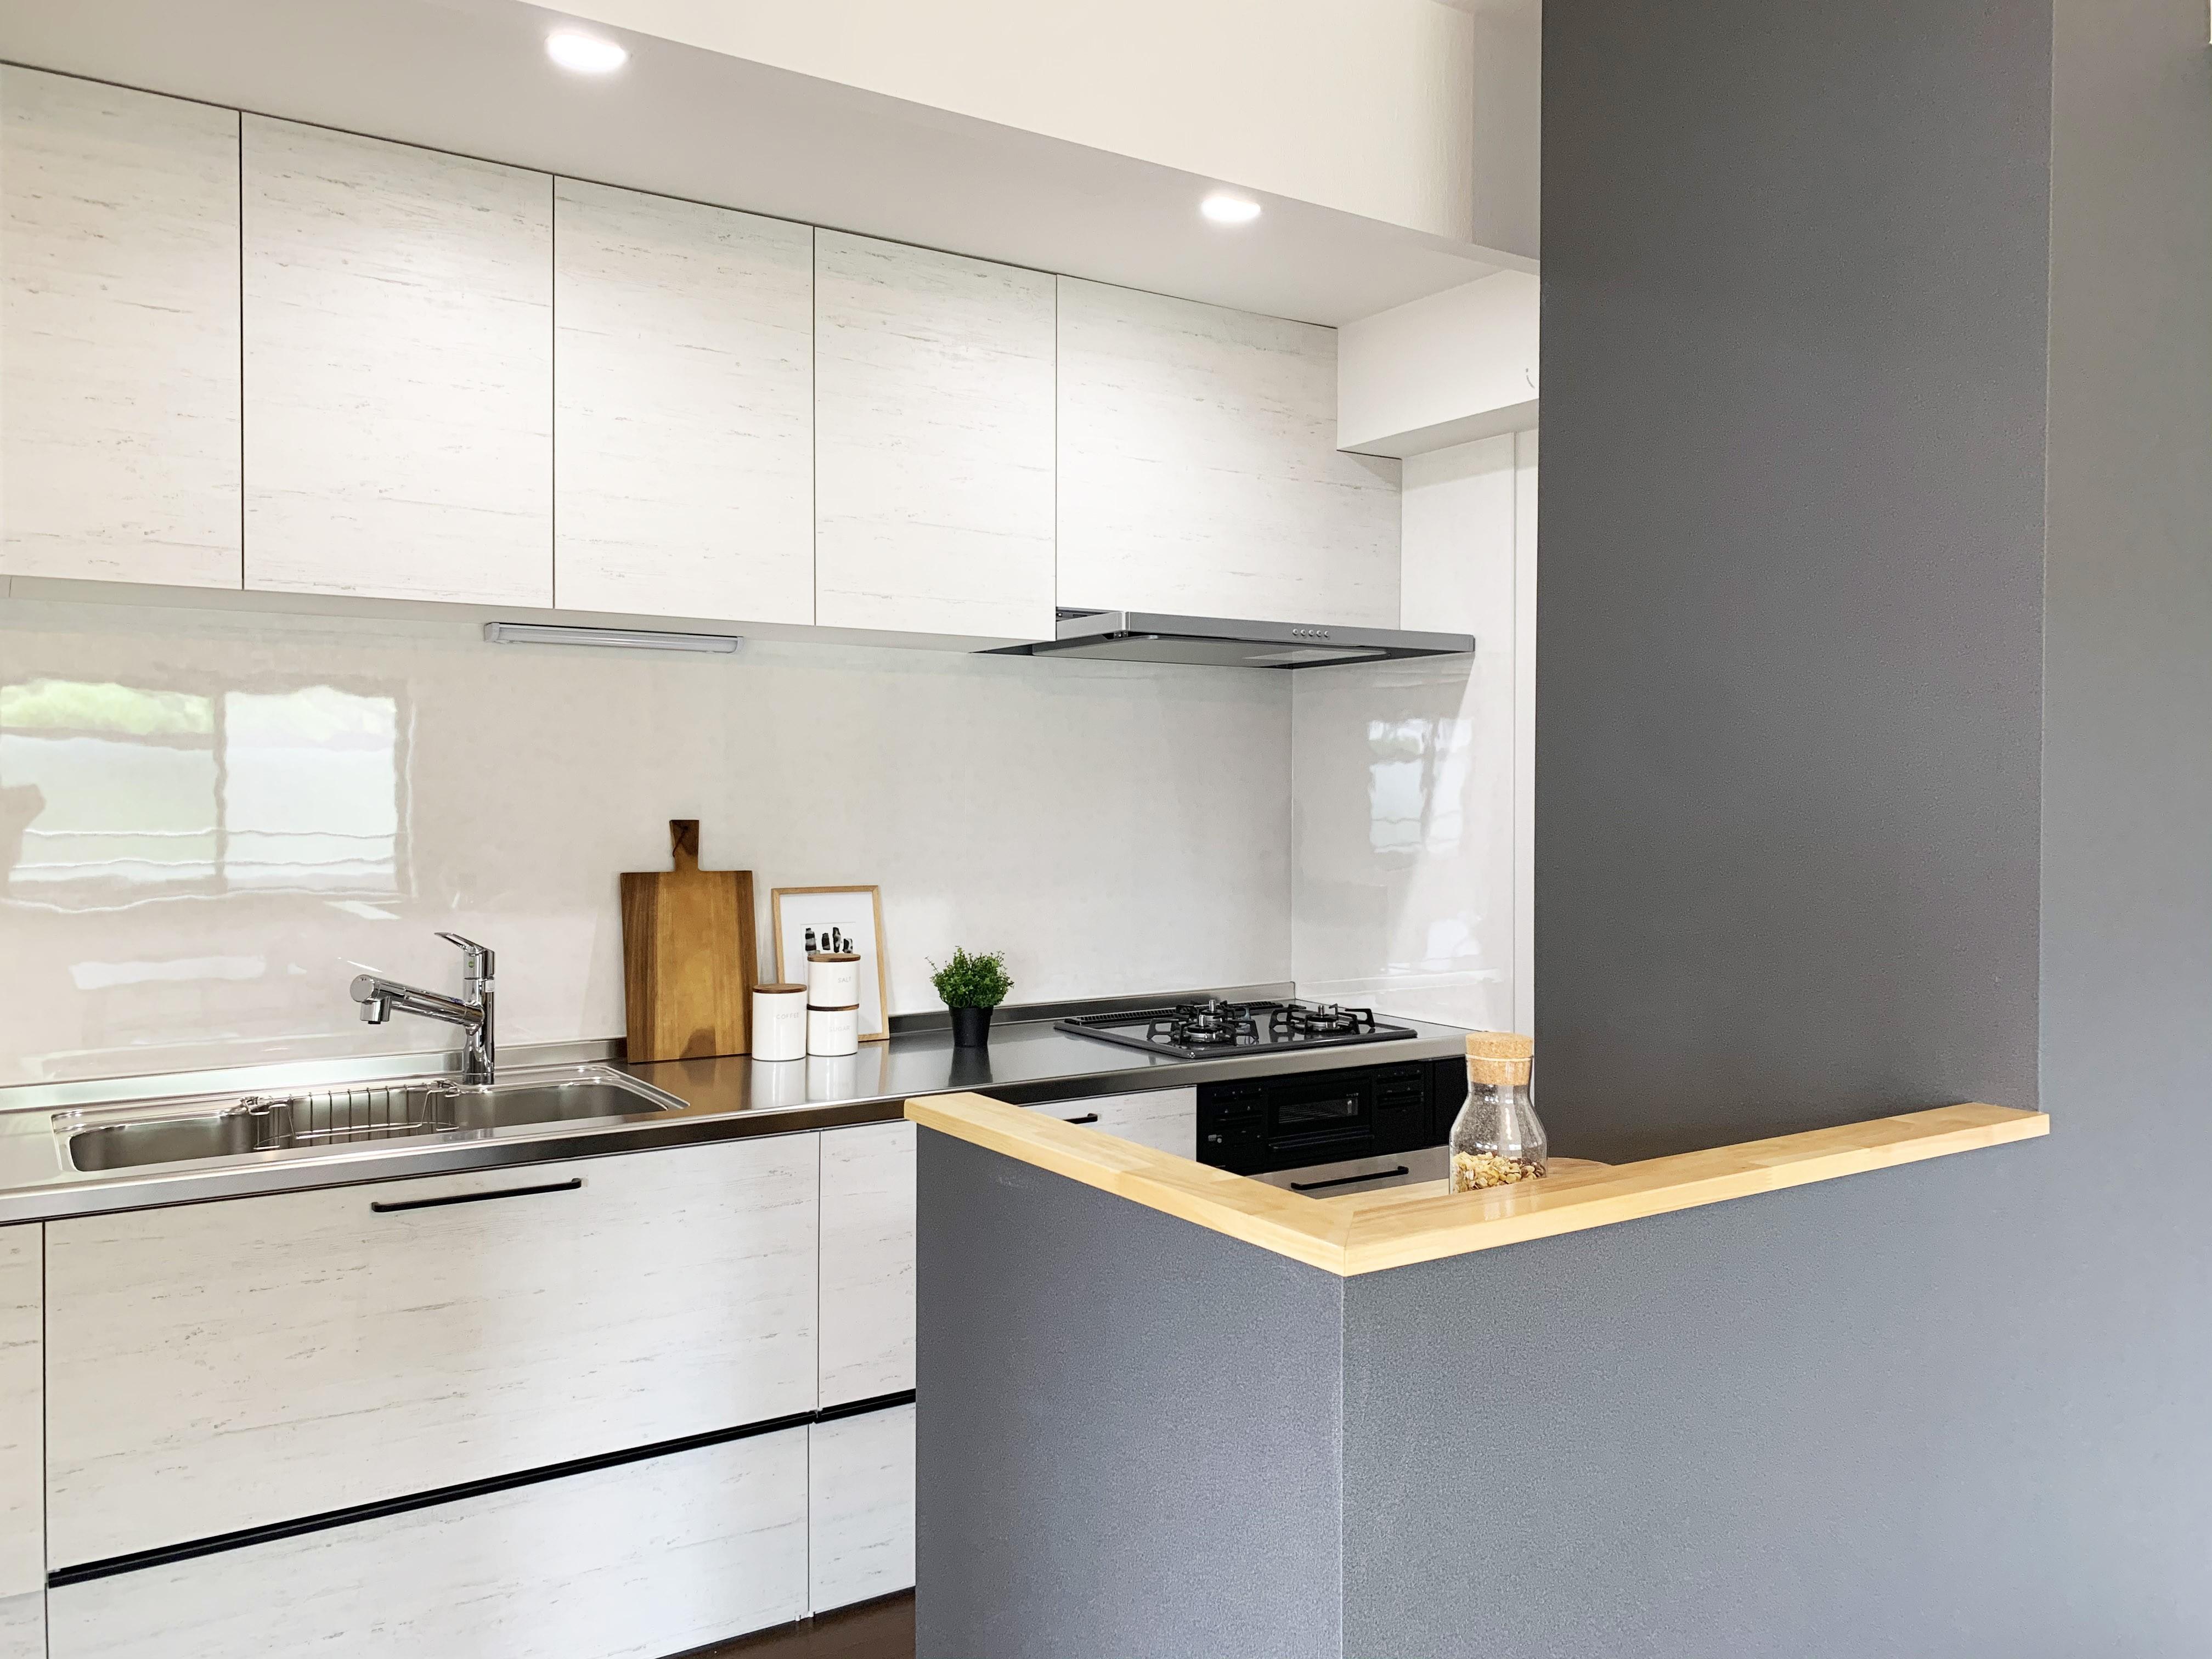 キッチン事例:キッチン(落ち着いたカラーで楽しむリノベーション)